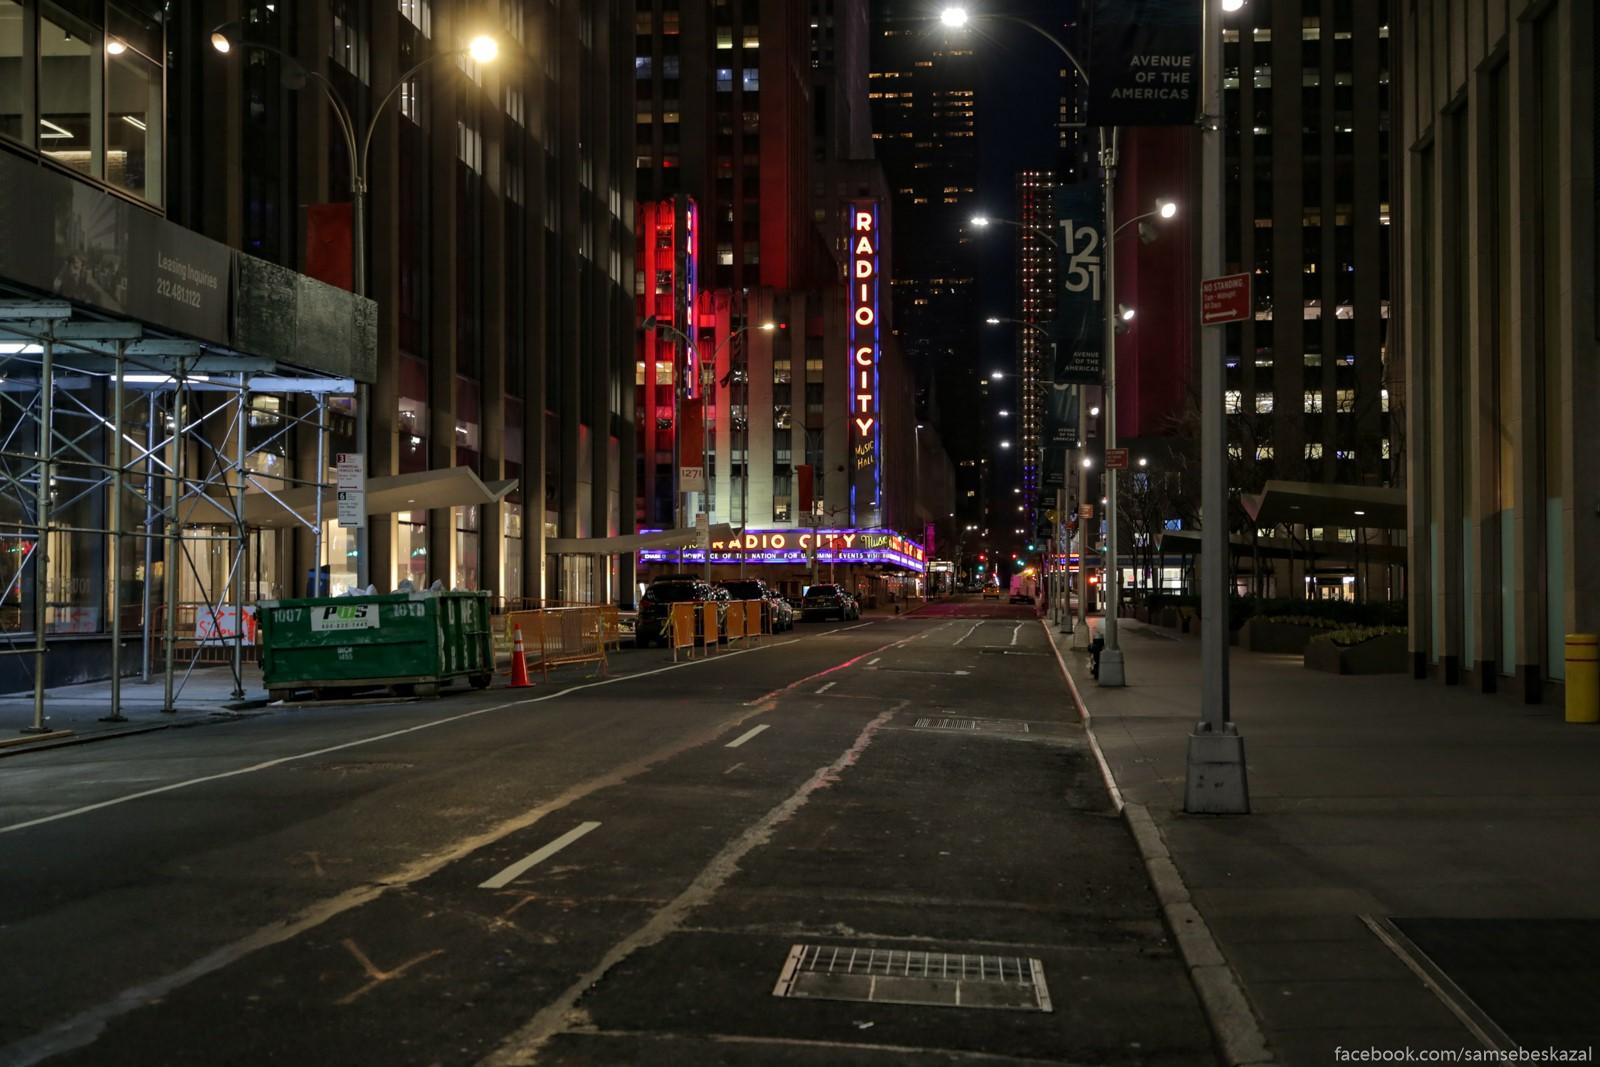 Nocnye ulicy nemnogo pugaut otsutstviem ludej i naliciem raznogo roda strannyh licnostej.